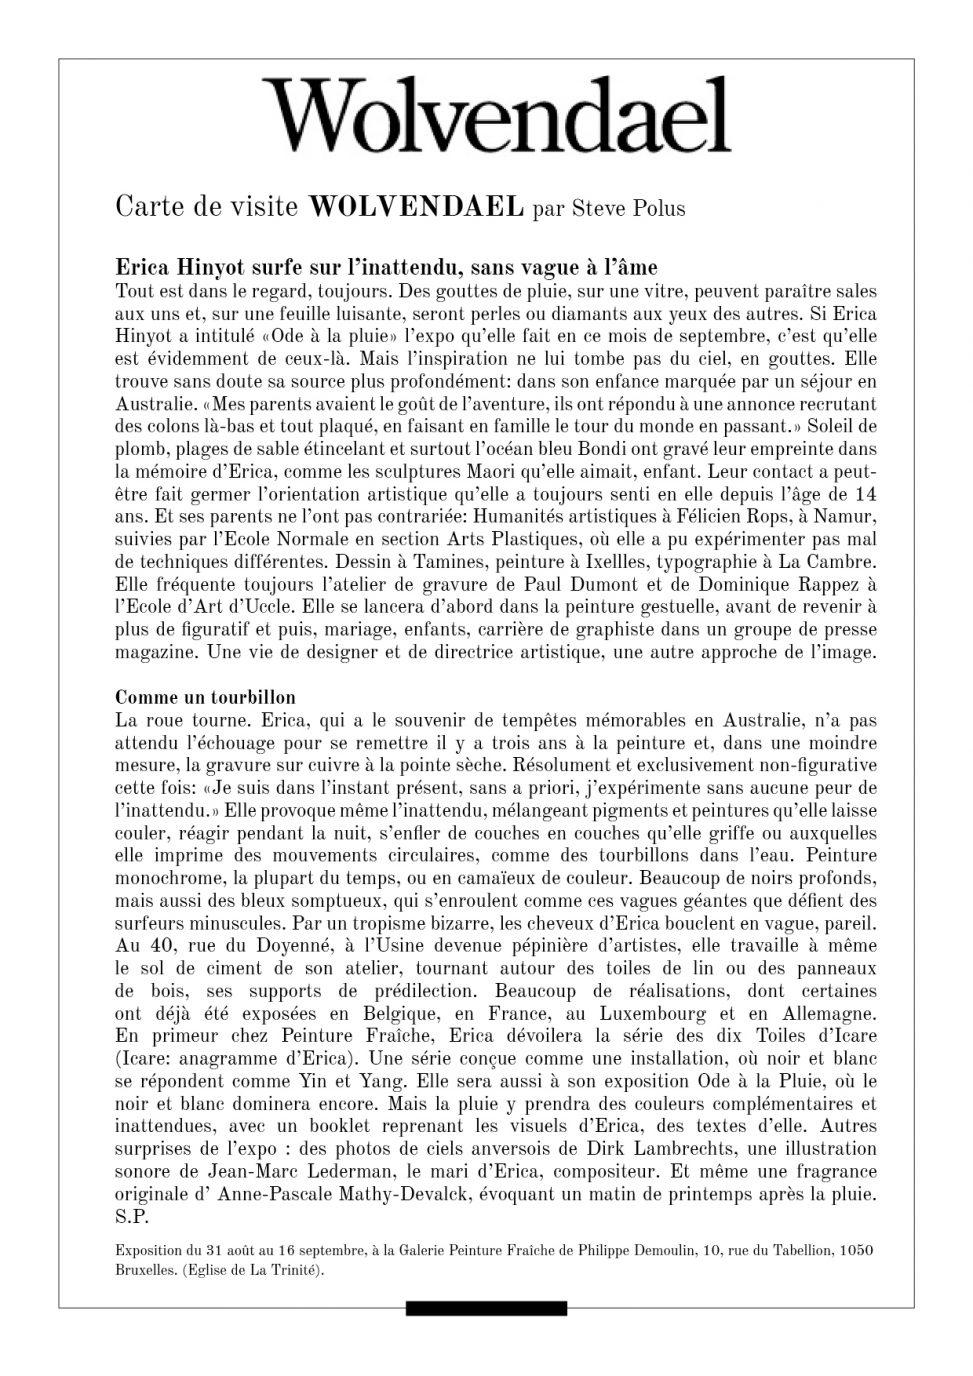 Talents d'ici Presentation par Steve Polus chief editor Wolvendael monthly 631- exhibition Ode à la pluie Erica Hinyot